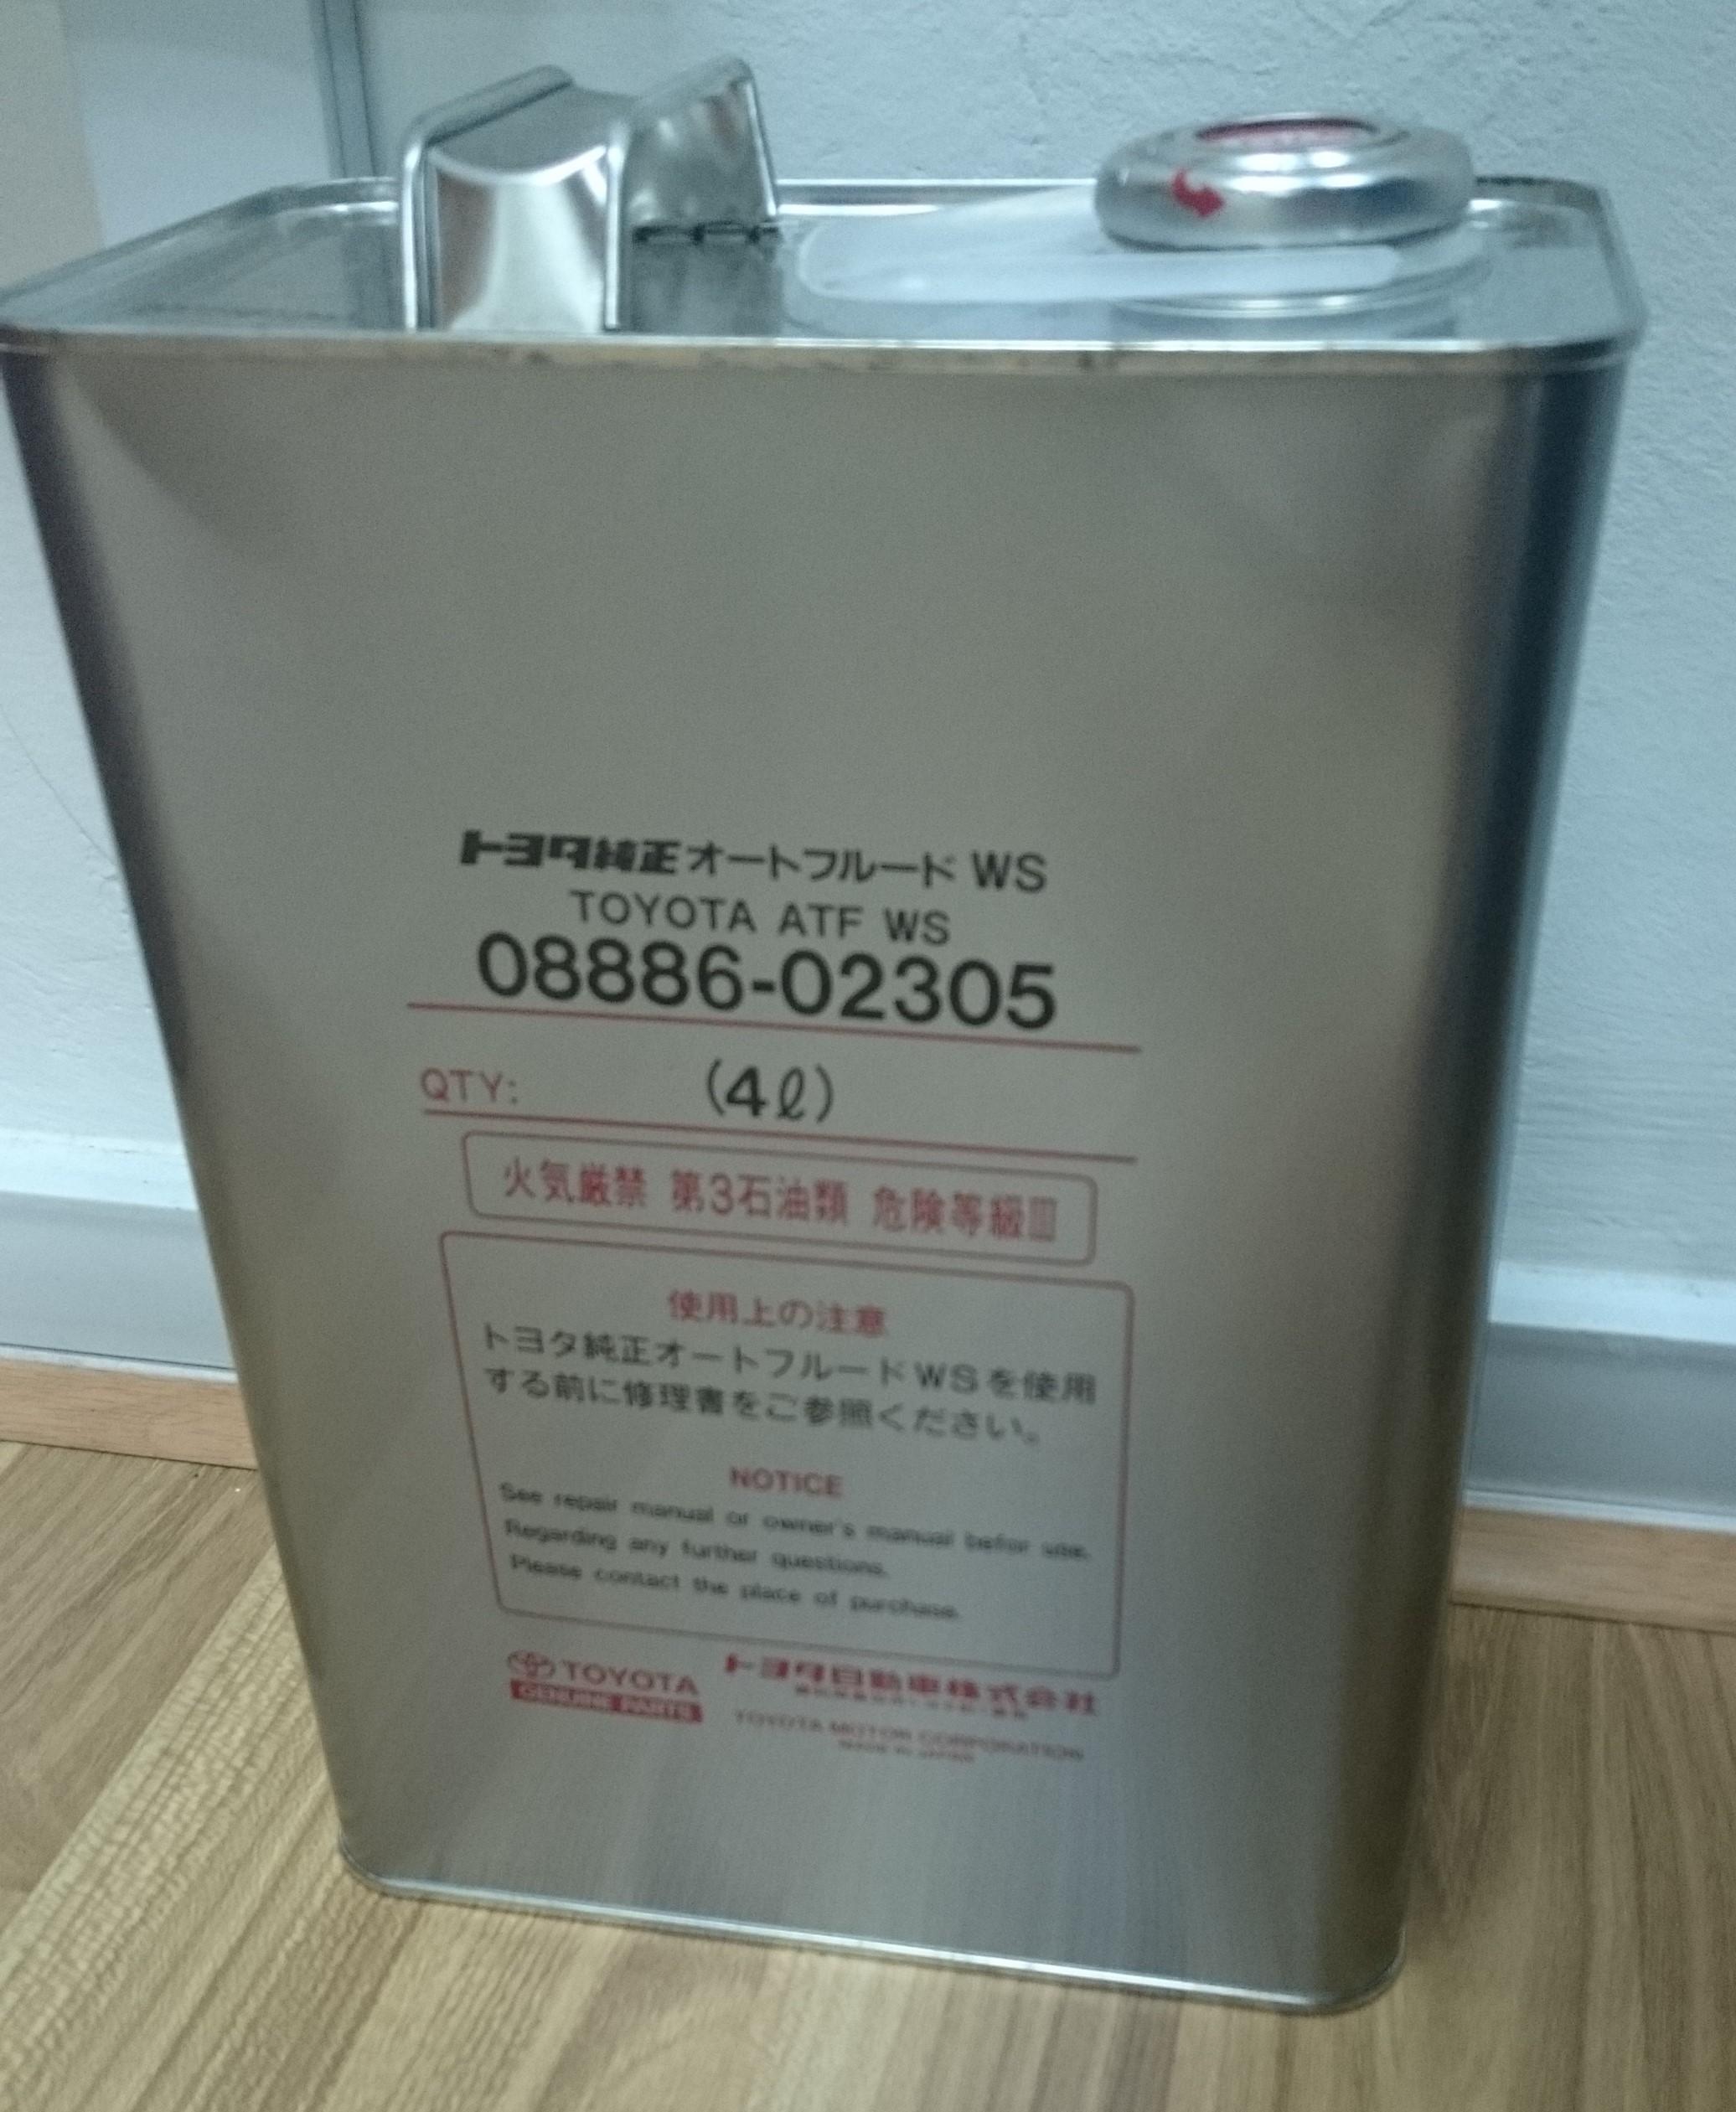 Toyota Atf Ws Fluid 4l Pack 08886 02305 Kkb